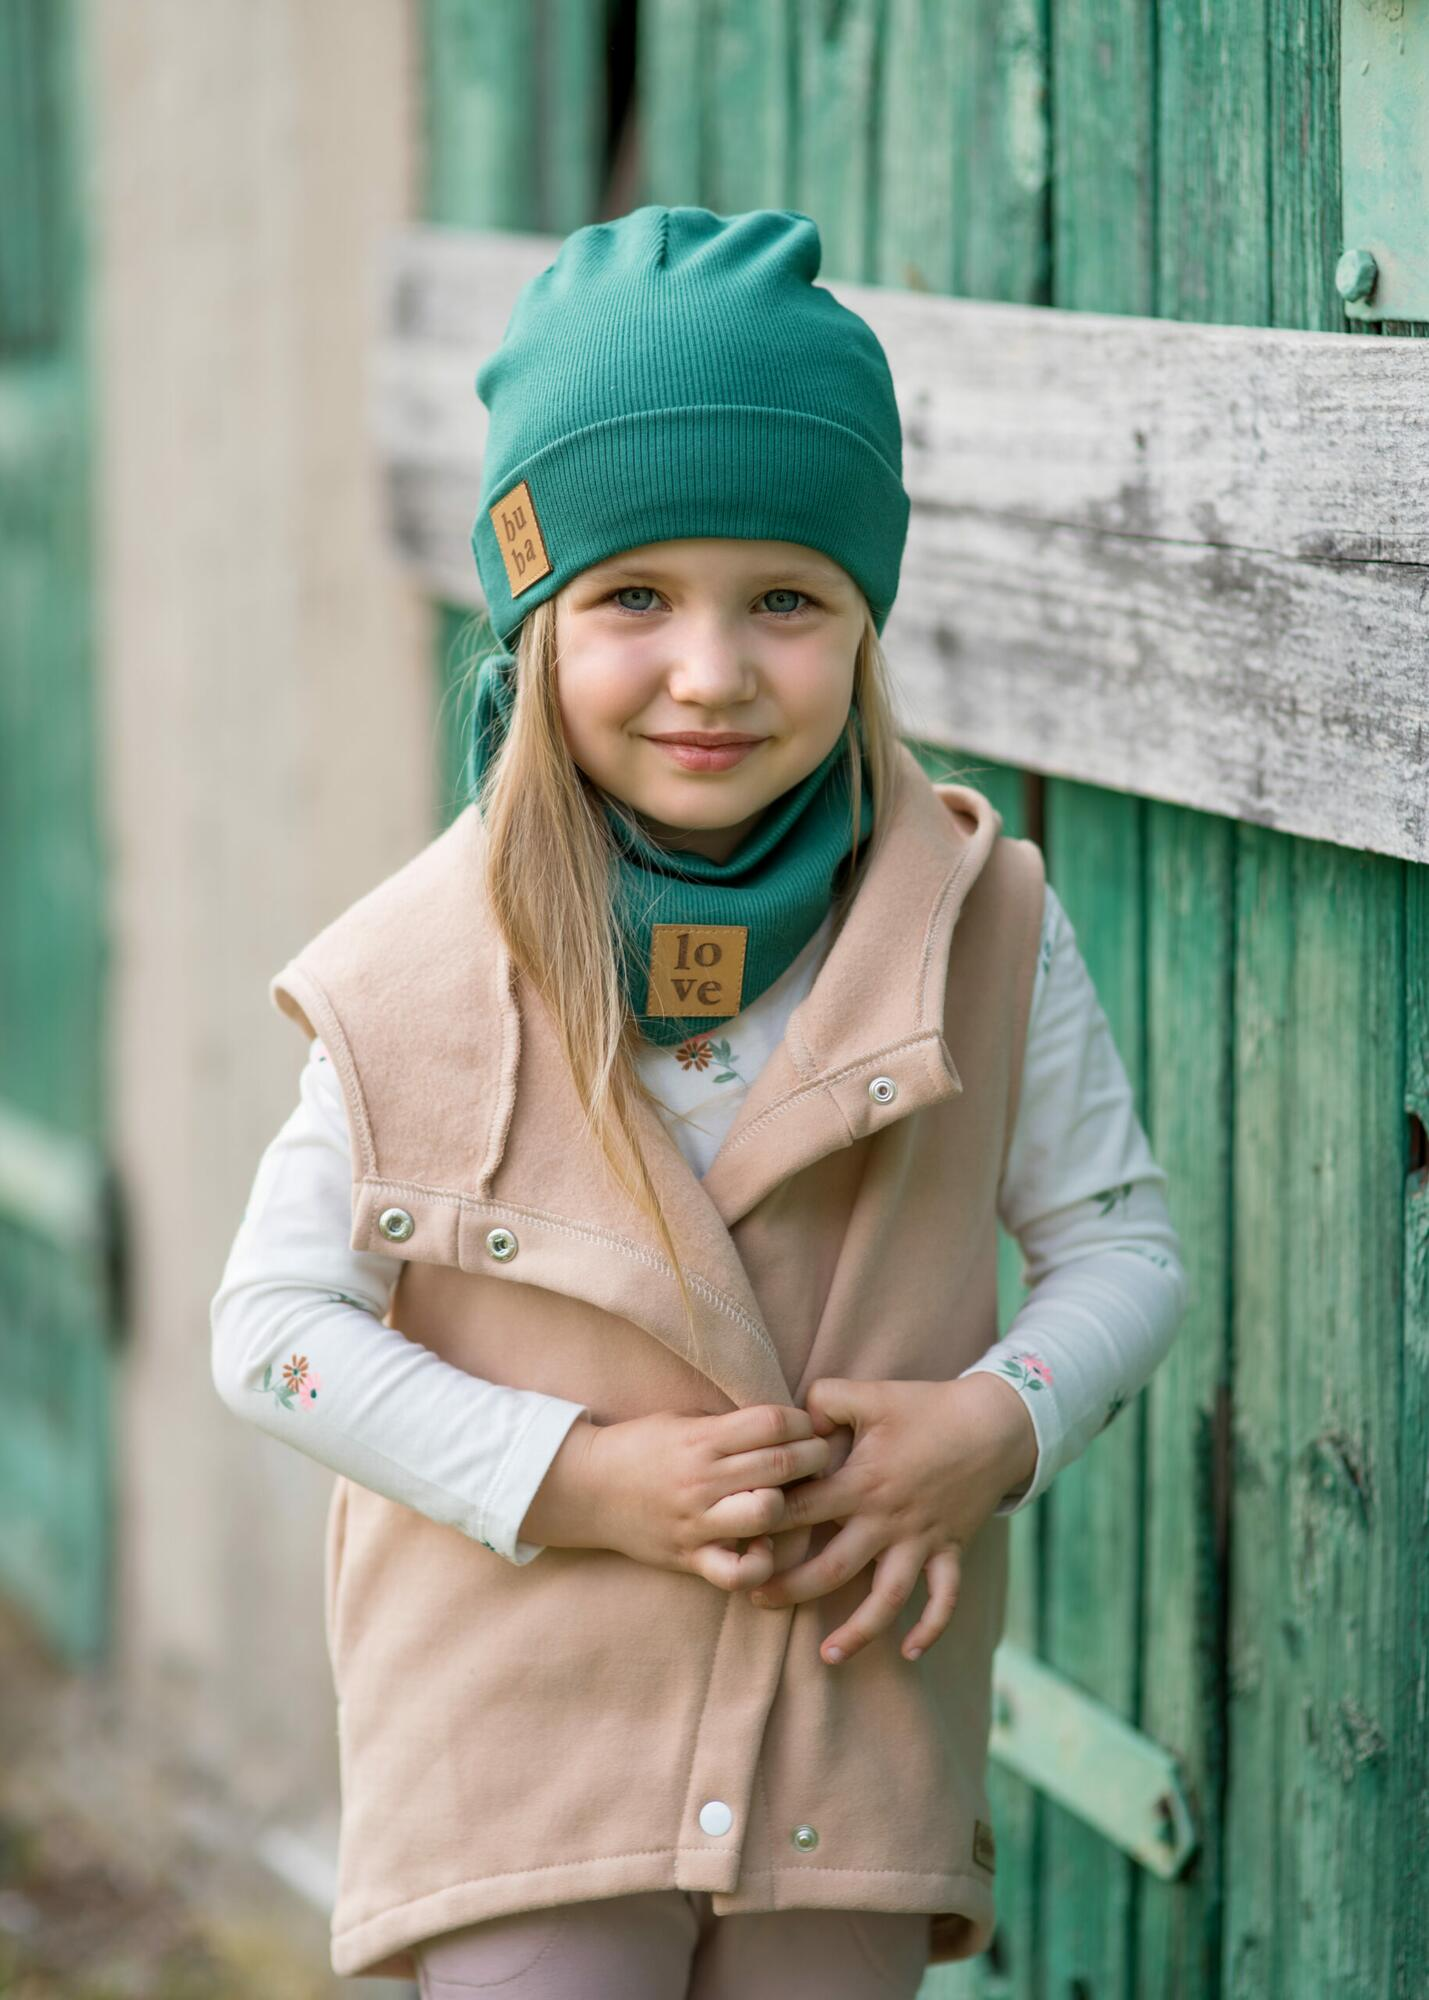 Czapka dziecięca wiosenno jesienna z kominem -butelkowa zieleń - Bubalove   JestemSlow.pl